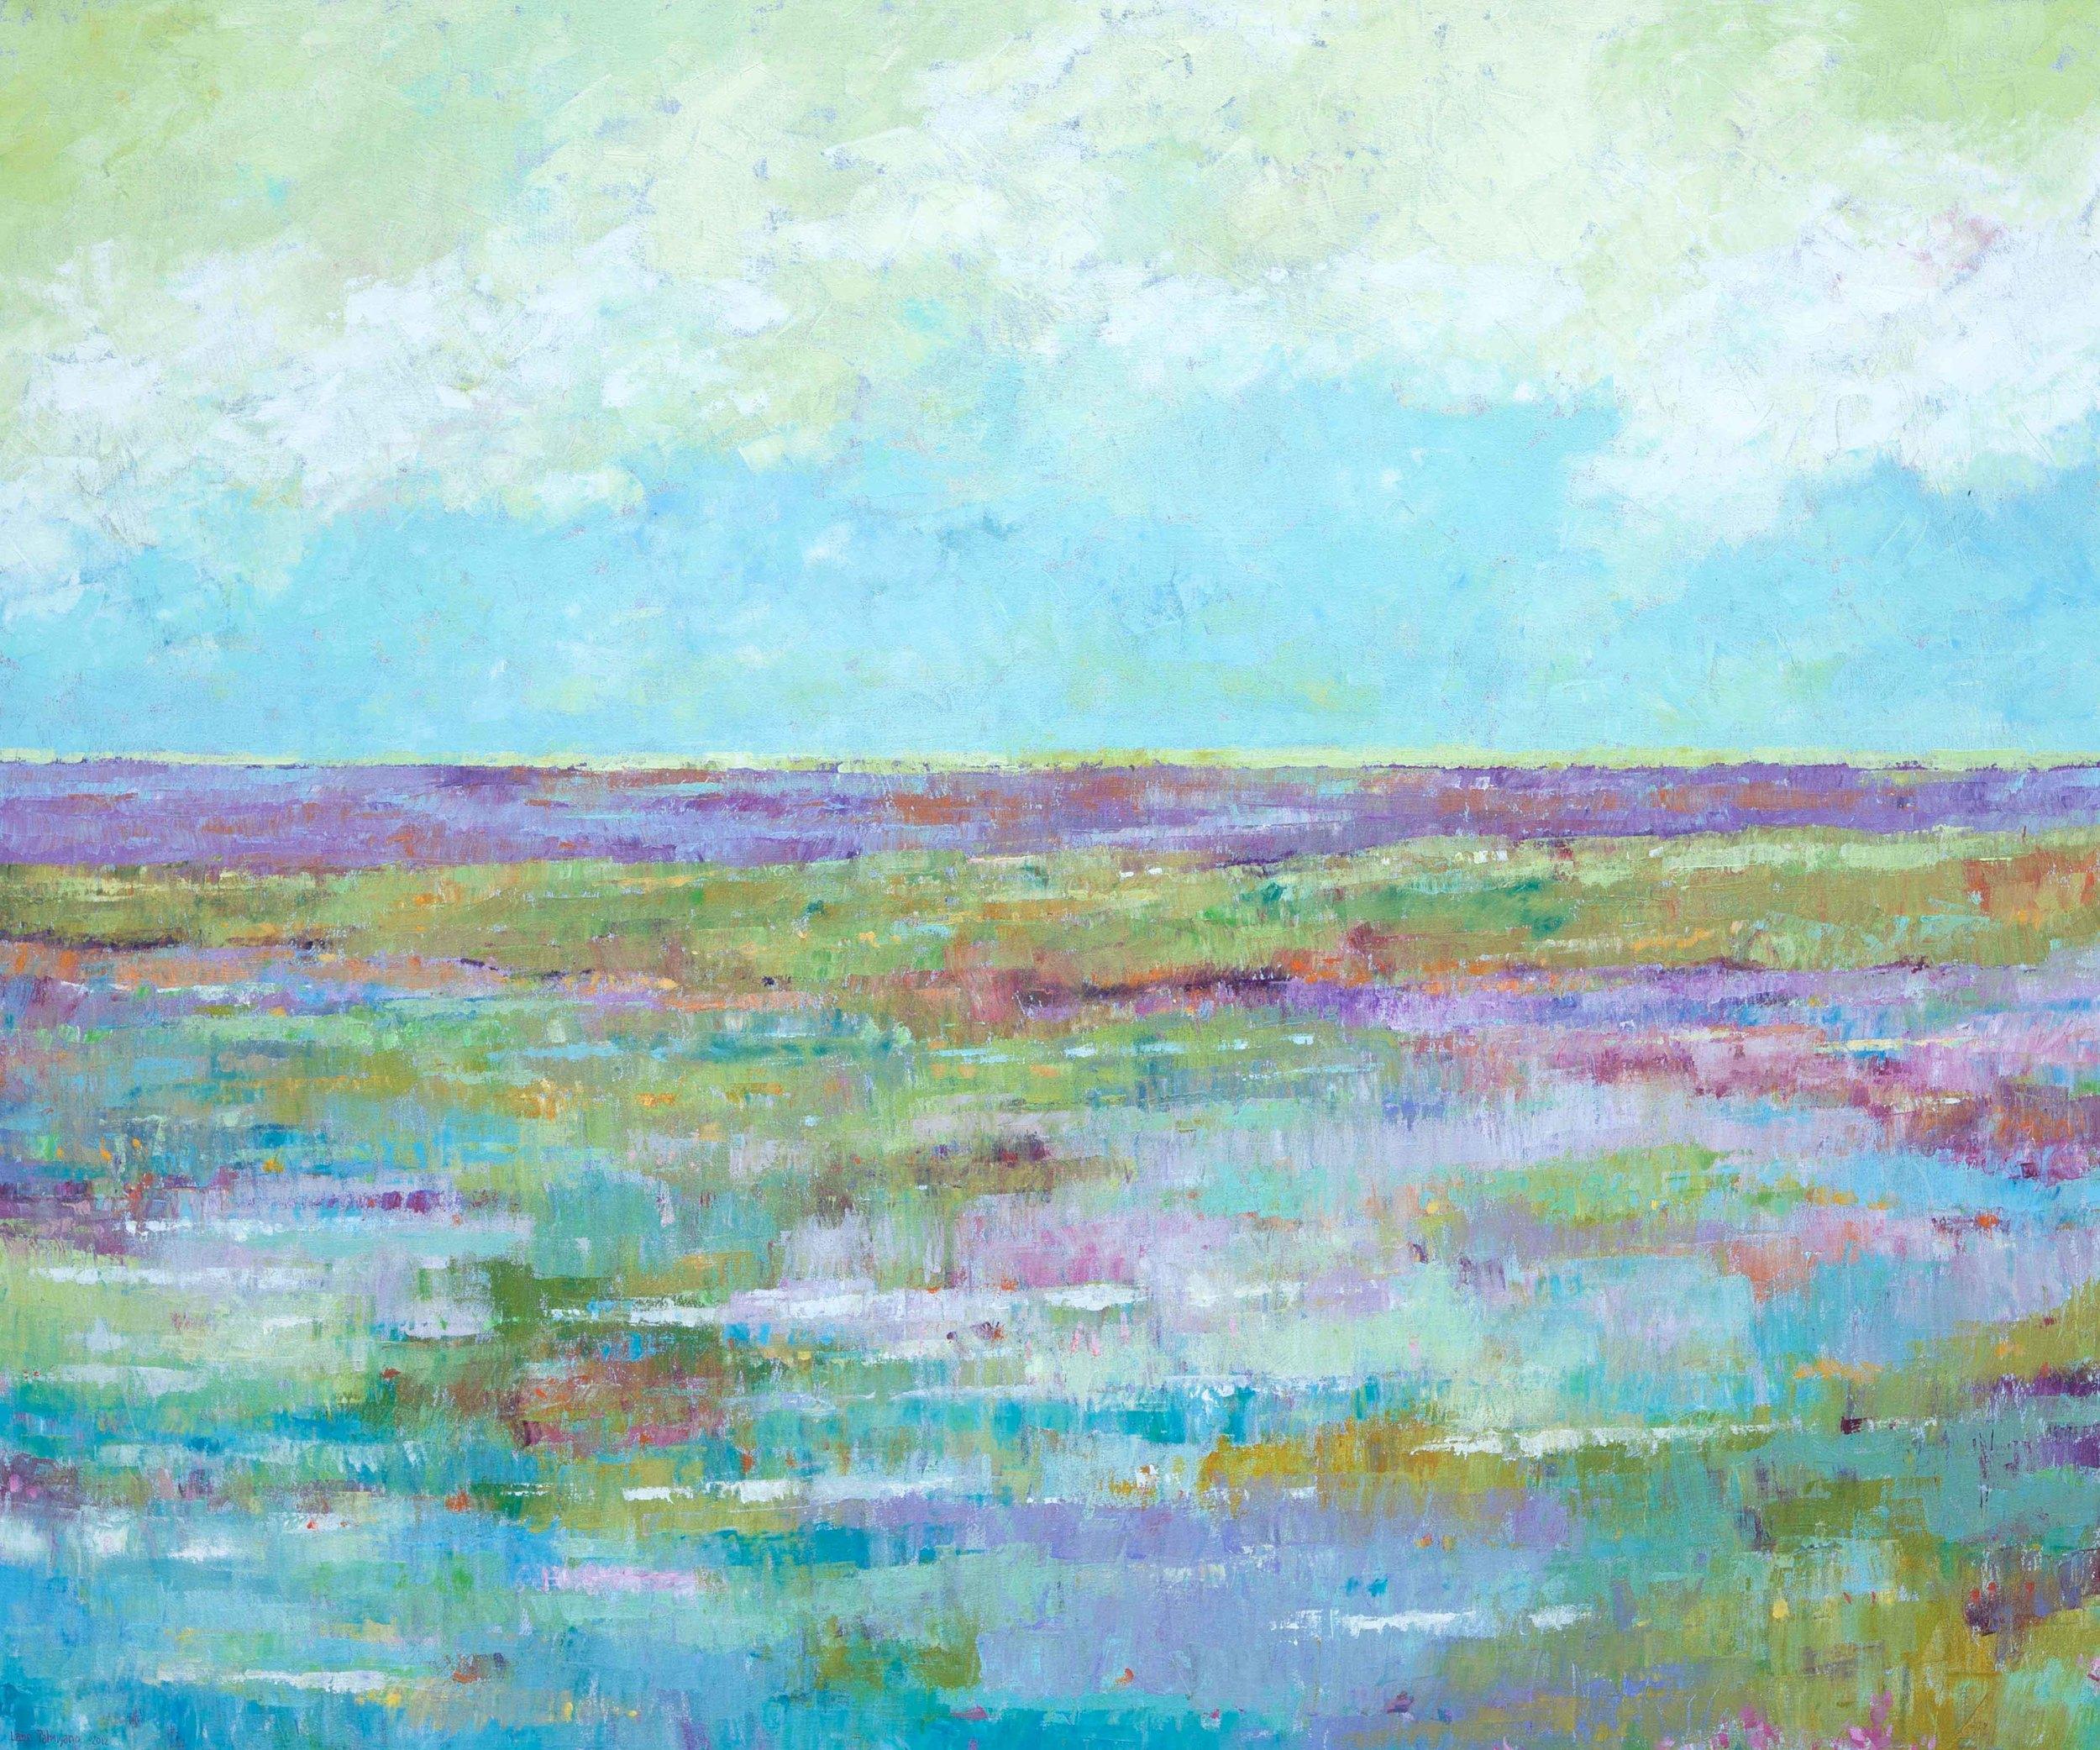 Bespeckled Marsh